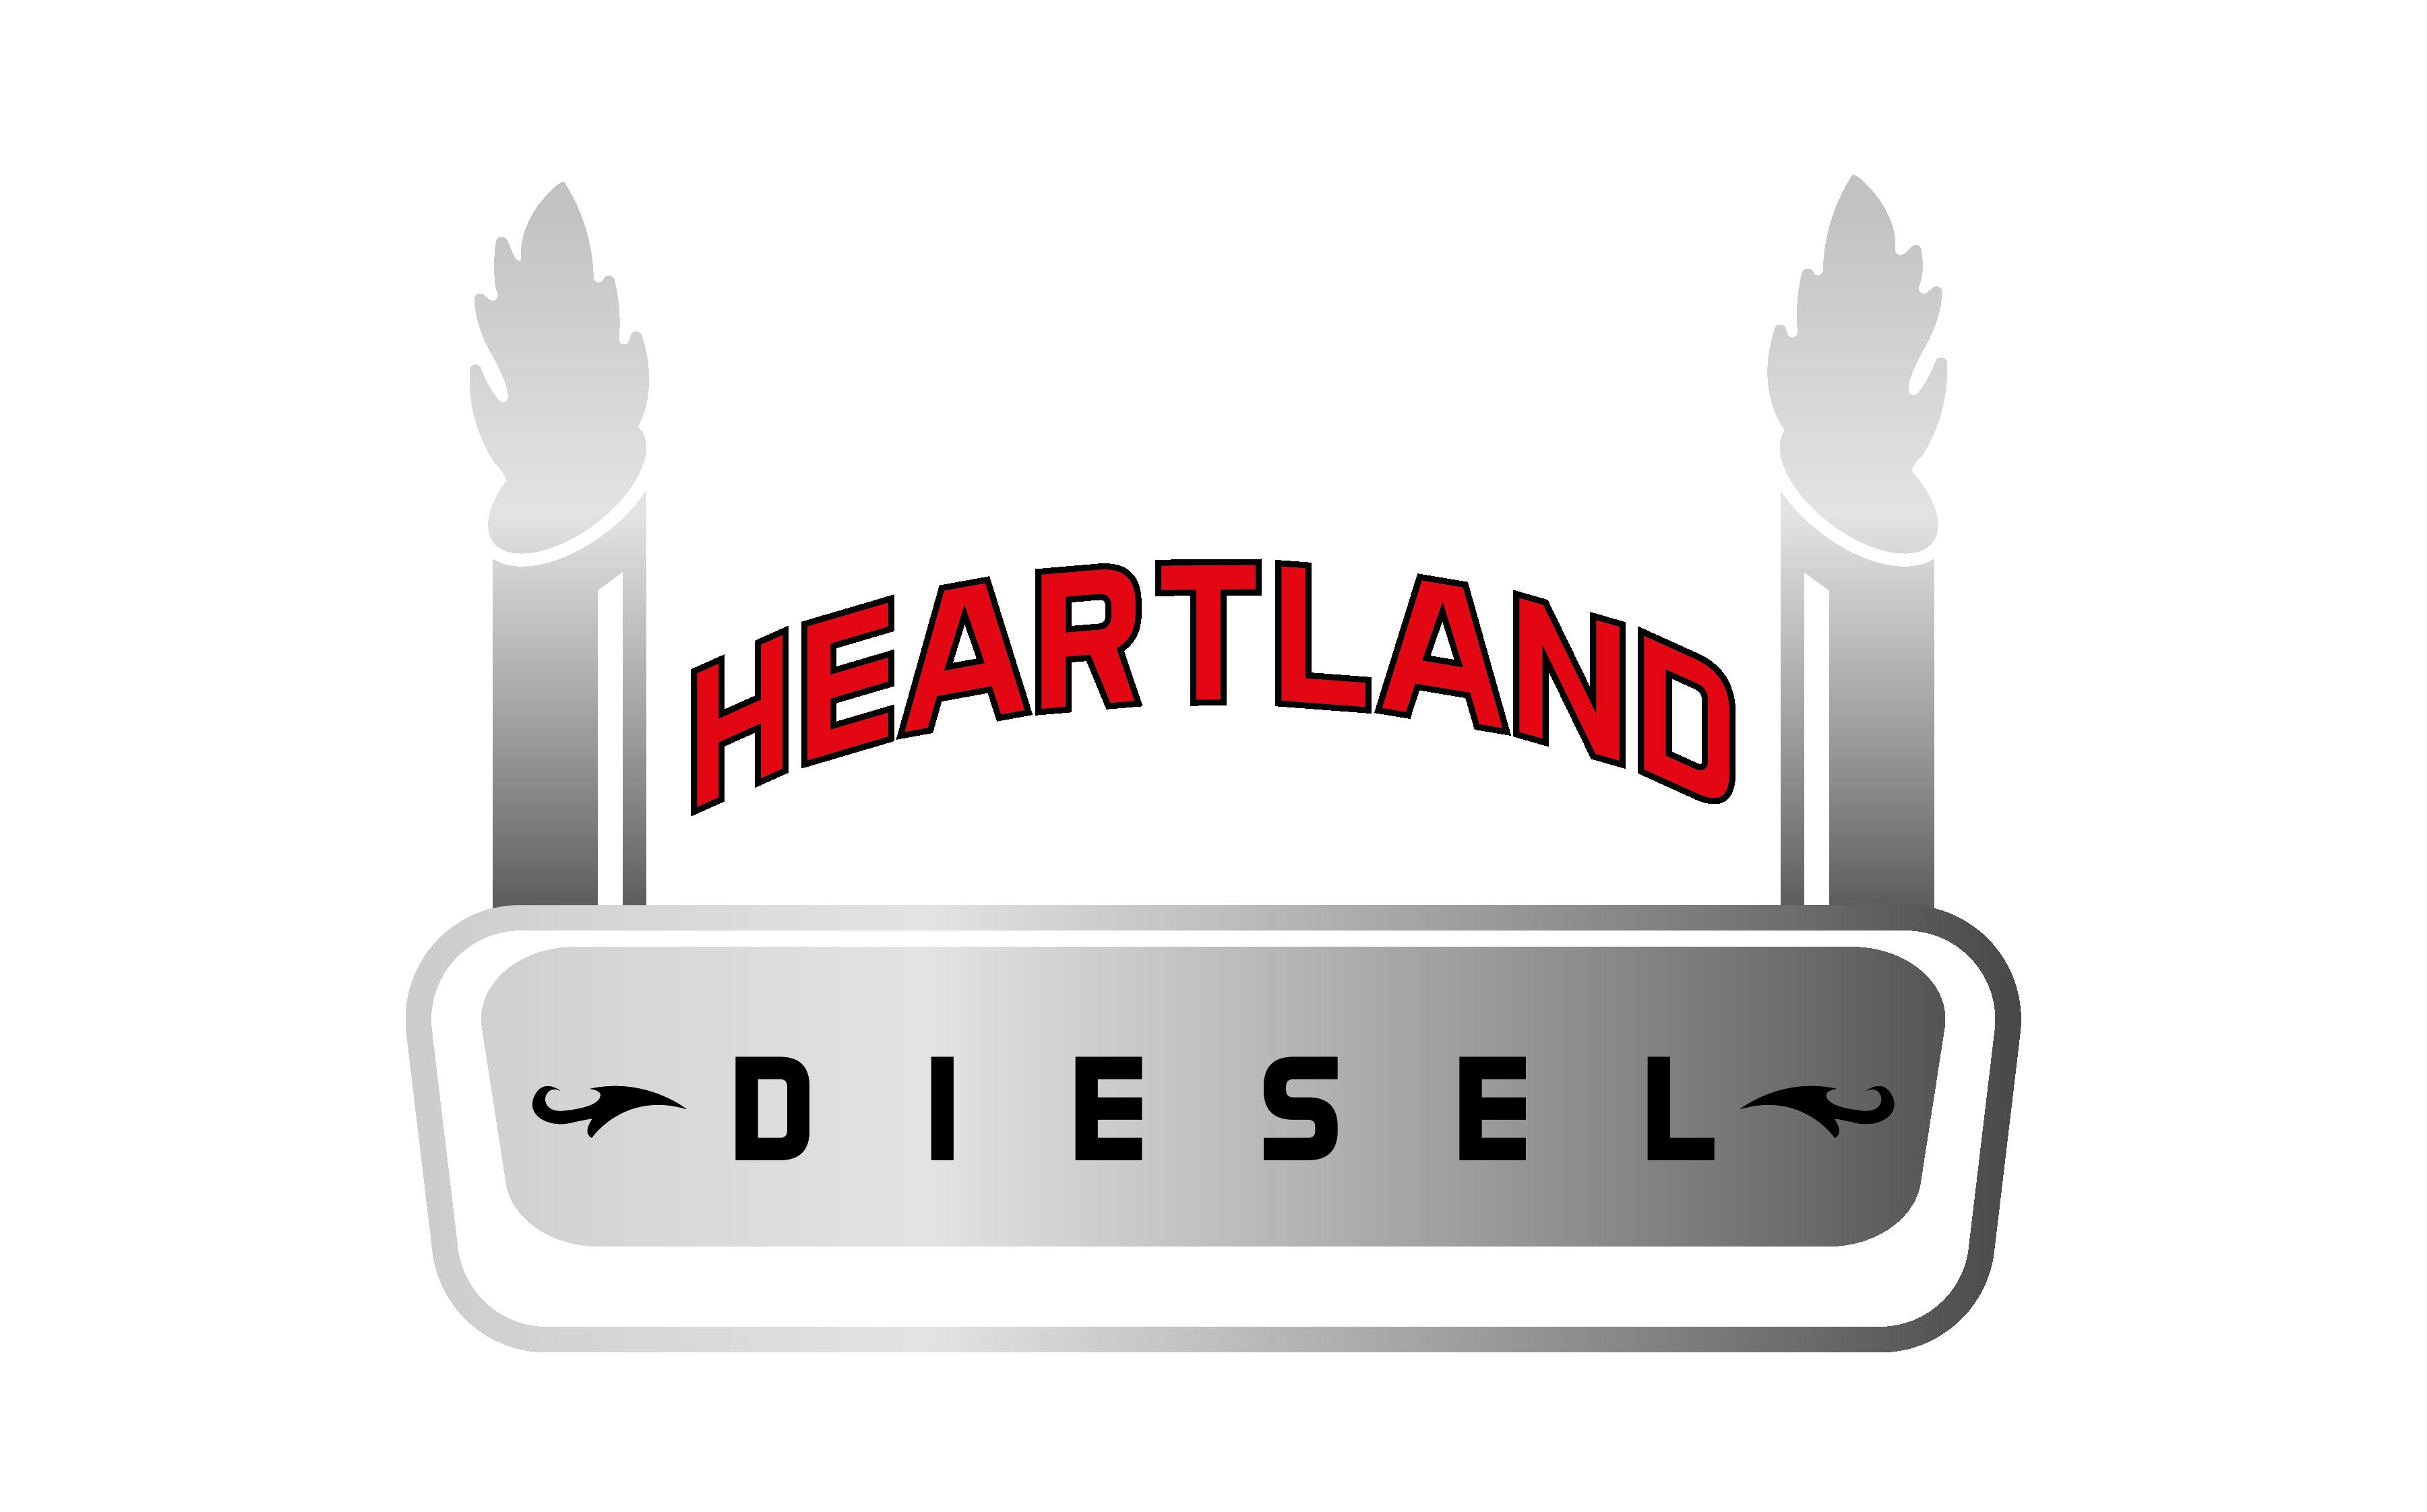 Heartland Diesel